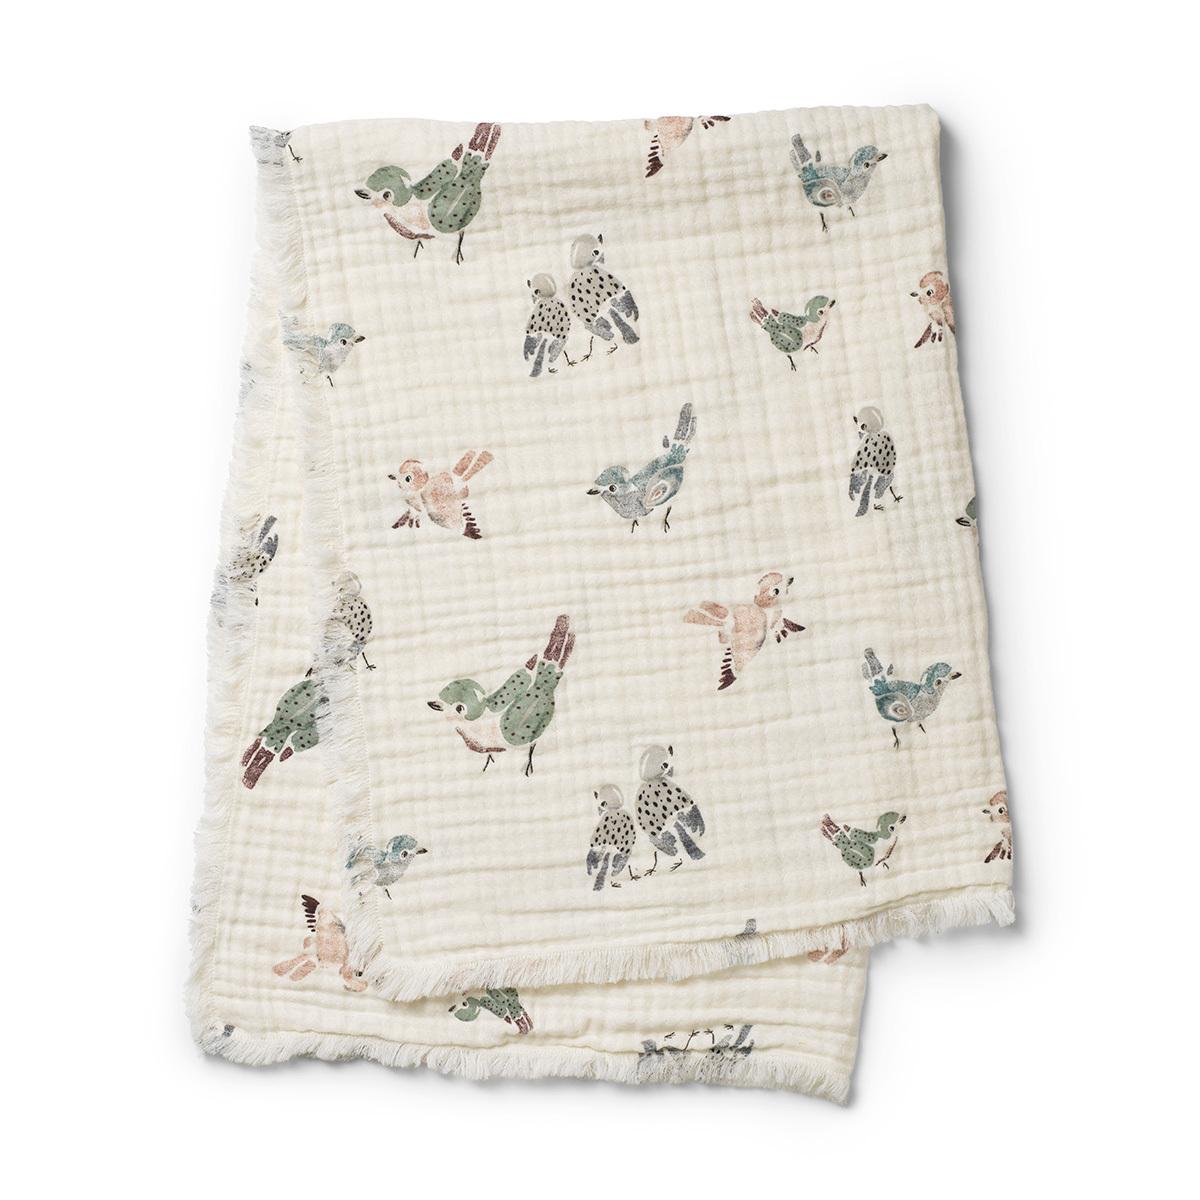 Linge de lit Couverture en Coton Froissé - Feathered Friends Couverture en Coton Froissé - Feathered Friends